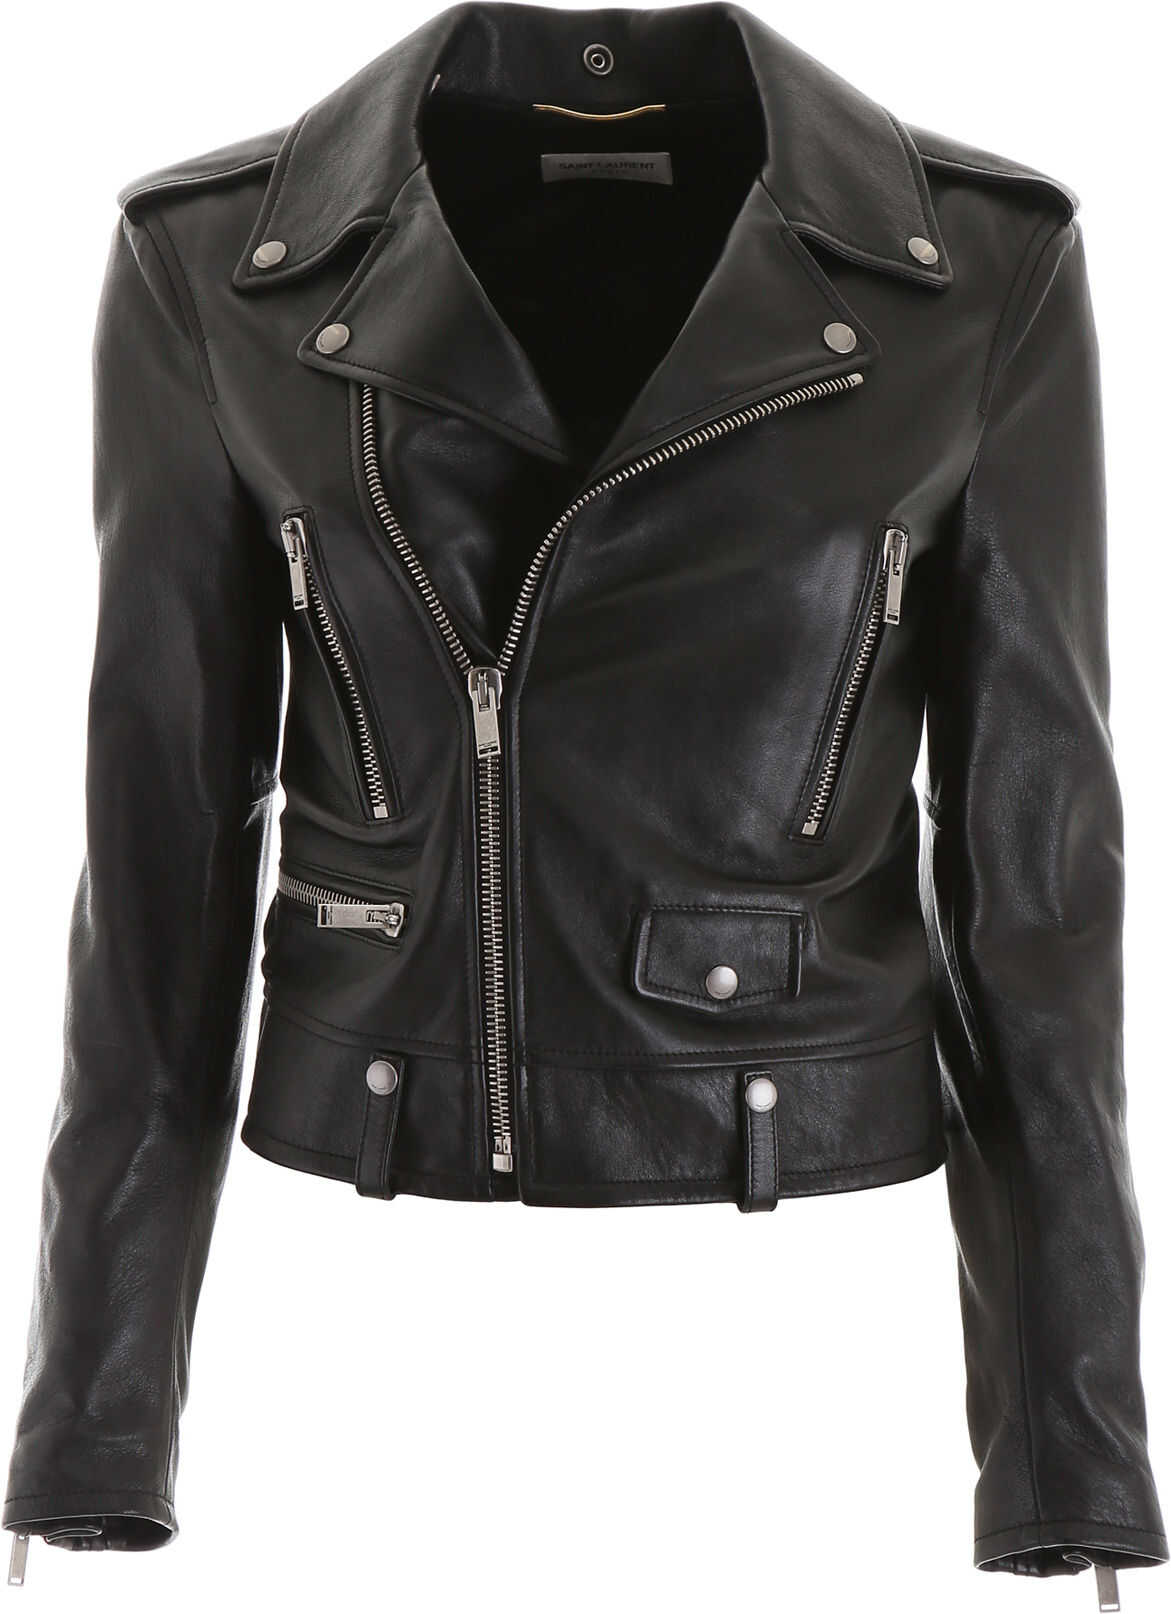 Saint Laurent Printed Leather Jacket NOIR ARGENT